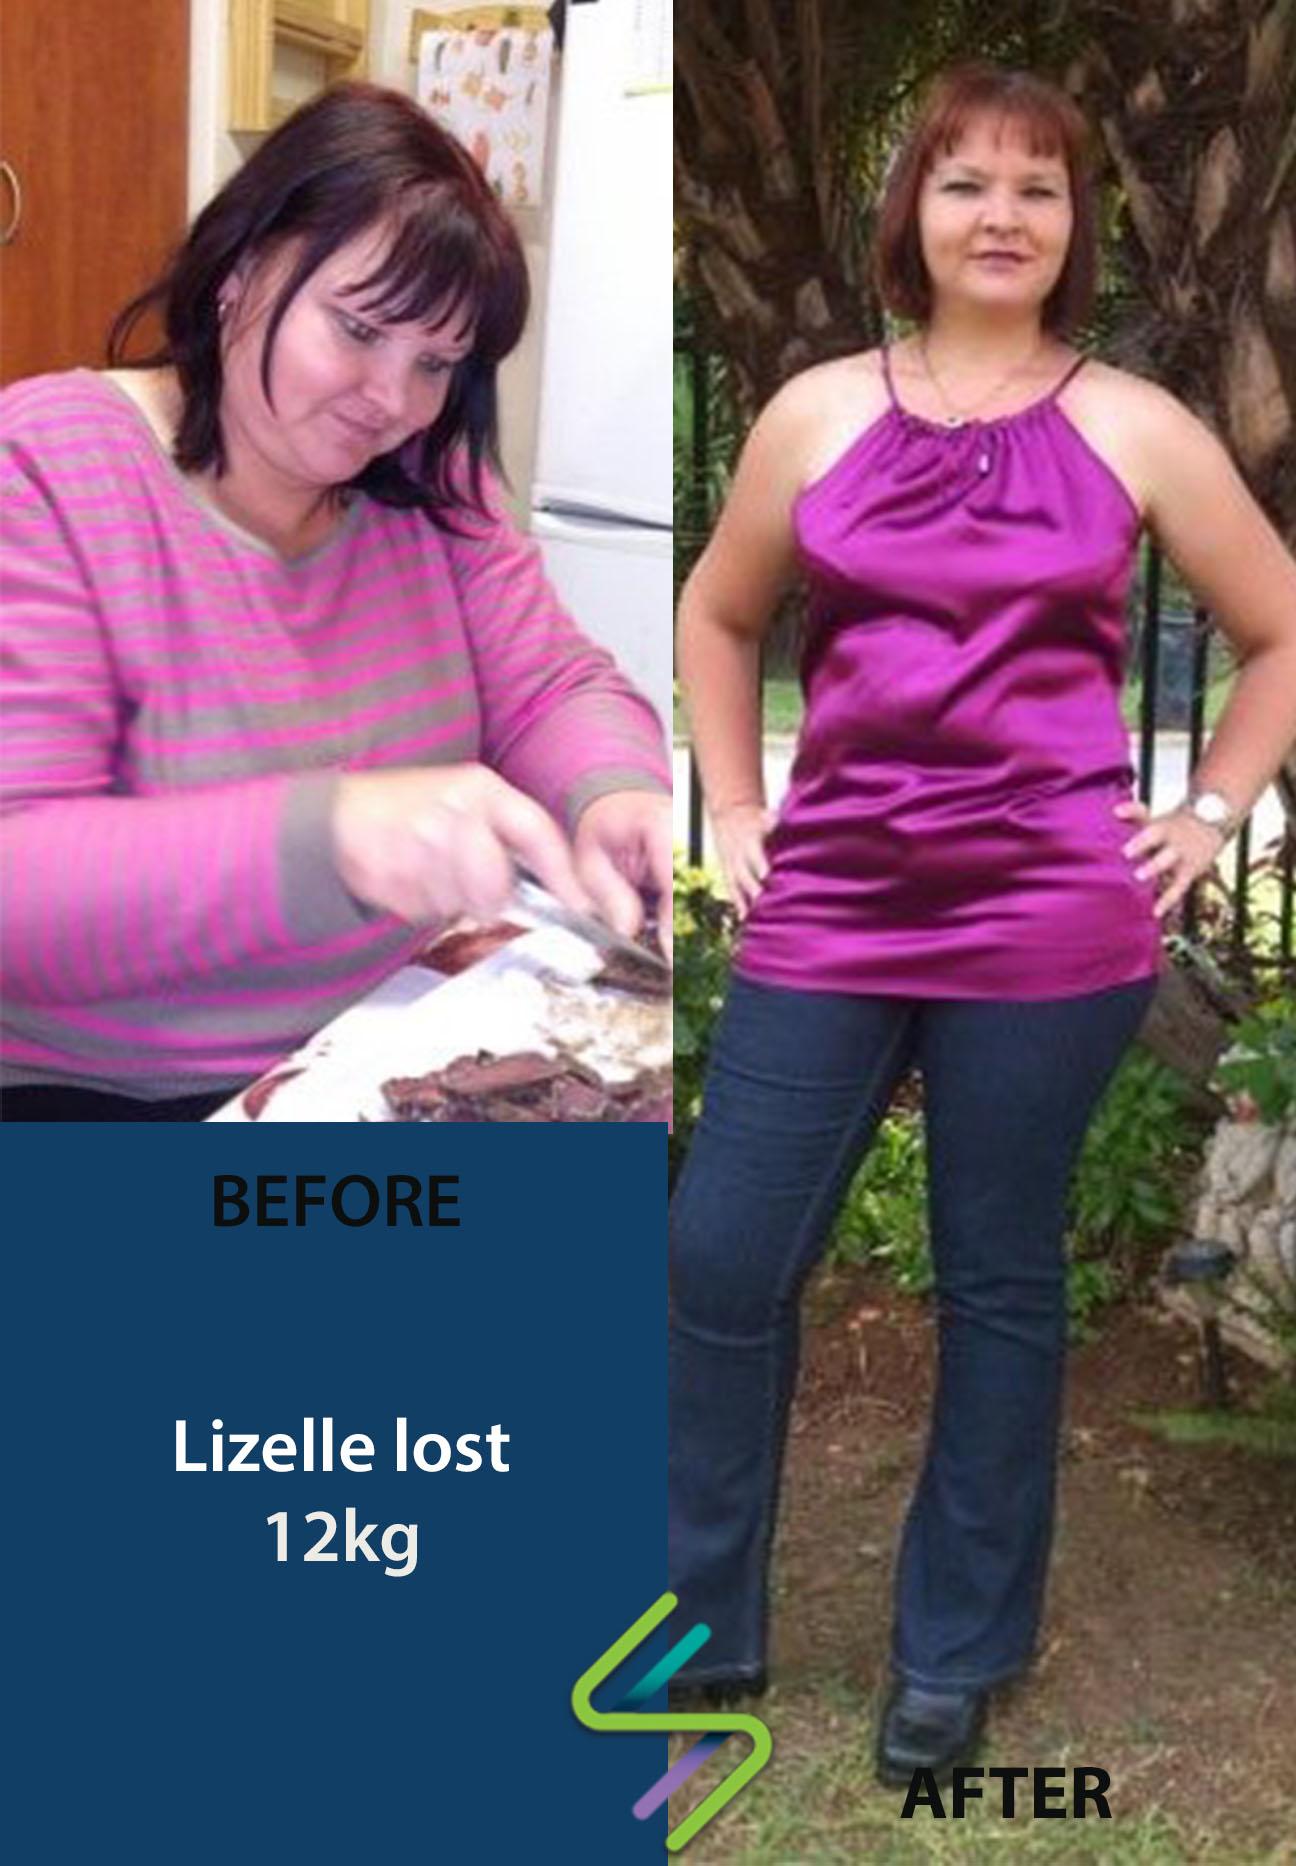 Lizelle